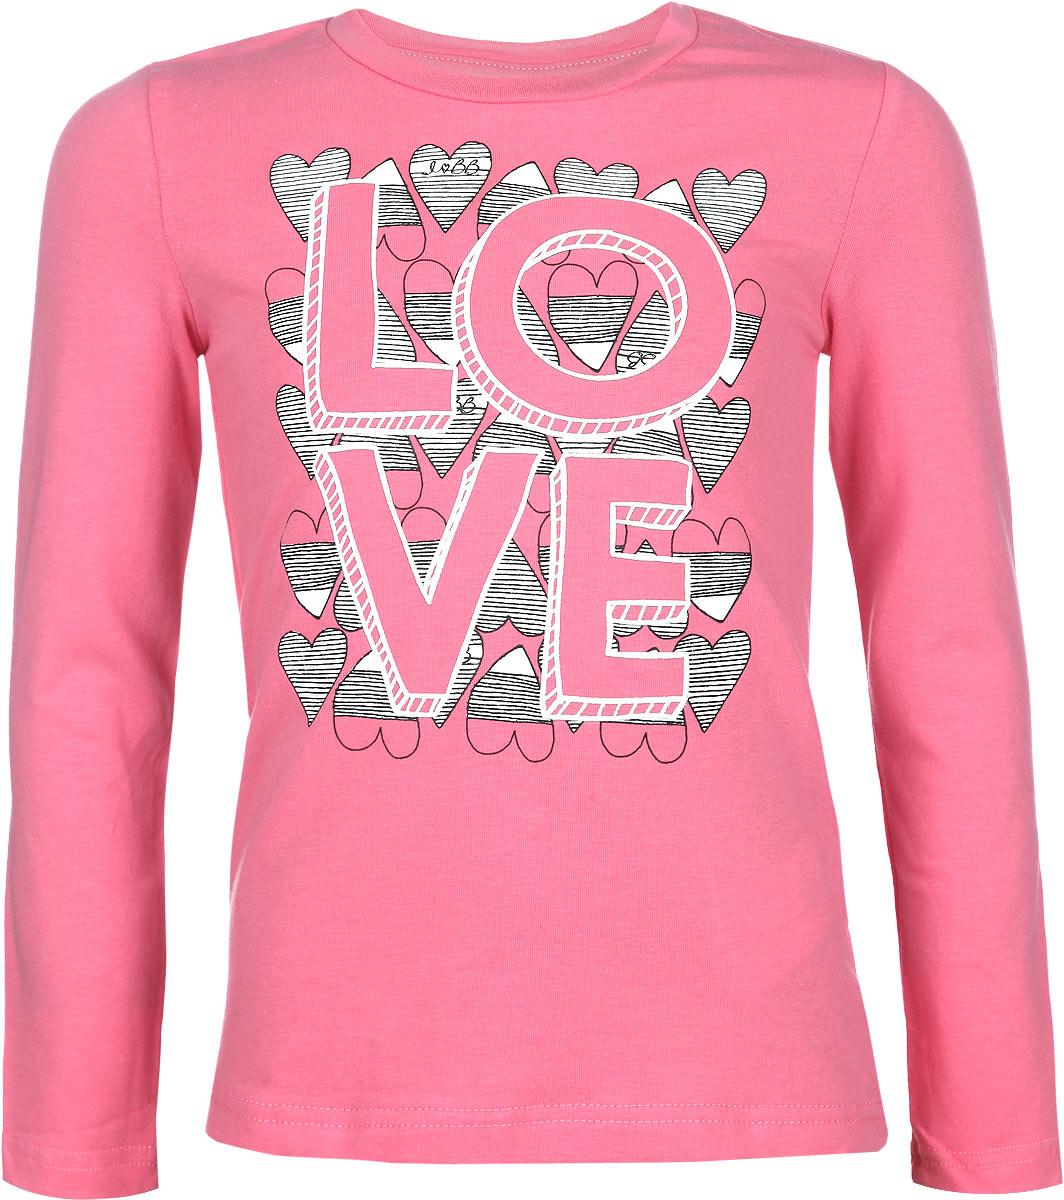 116BBGB1225Стильная футболка с длинным рукавом для девочки Button Blue идеально подойдет вашей моднице. Изготовленная из эластичного хлопка, она мягкая и приятная на ощупь, не сковывает движения и позволяет коже дышать, не раздражает даже самую нежную и чувствительную кожу ребенка, обеспечивая наибольший комфорт. Футболка трапециевидного кроя с длинными рукавами и круглым вырезом горловины оформлена крупной термоаппликацией в виде надписи Love, украшенной сердечками. Вырез горловины дополнен трикотажной эластичной резинкой. Современный дизайн и модная расцветка делают эту футболку стильным предметом детского гардероба. В ней ваша принцесса будет чувствовать себя уютно и комфортно, и всегда будет в центре внимания!